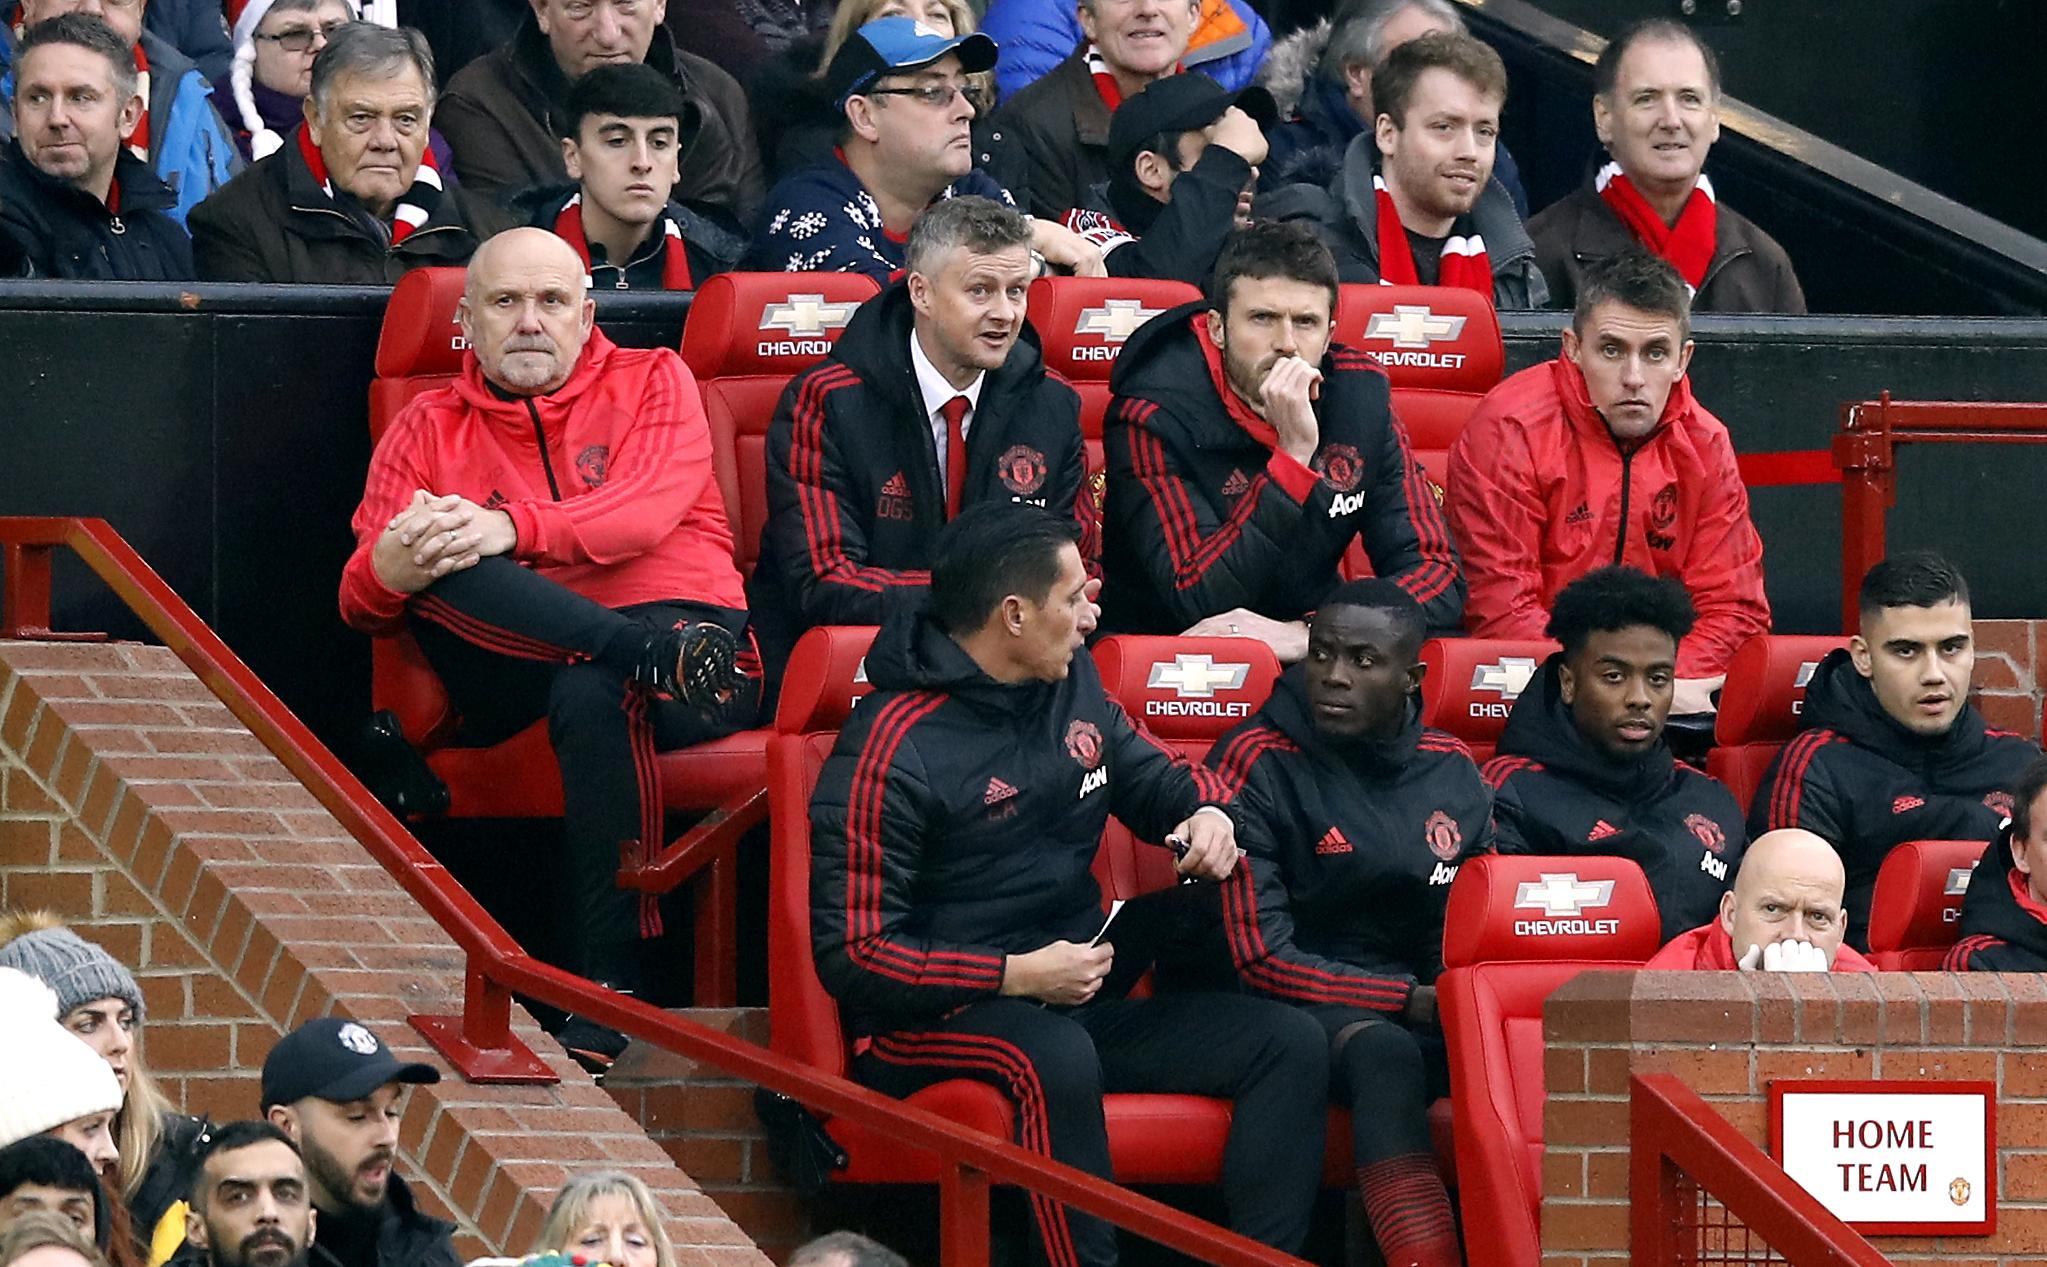 Sir Alex Ferguson will be a big help, says Ole Gunnar Solskjaer